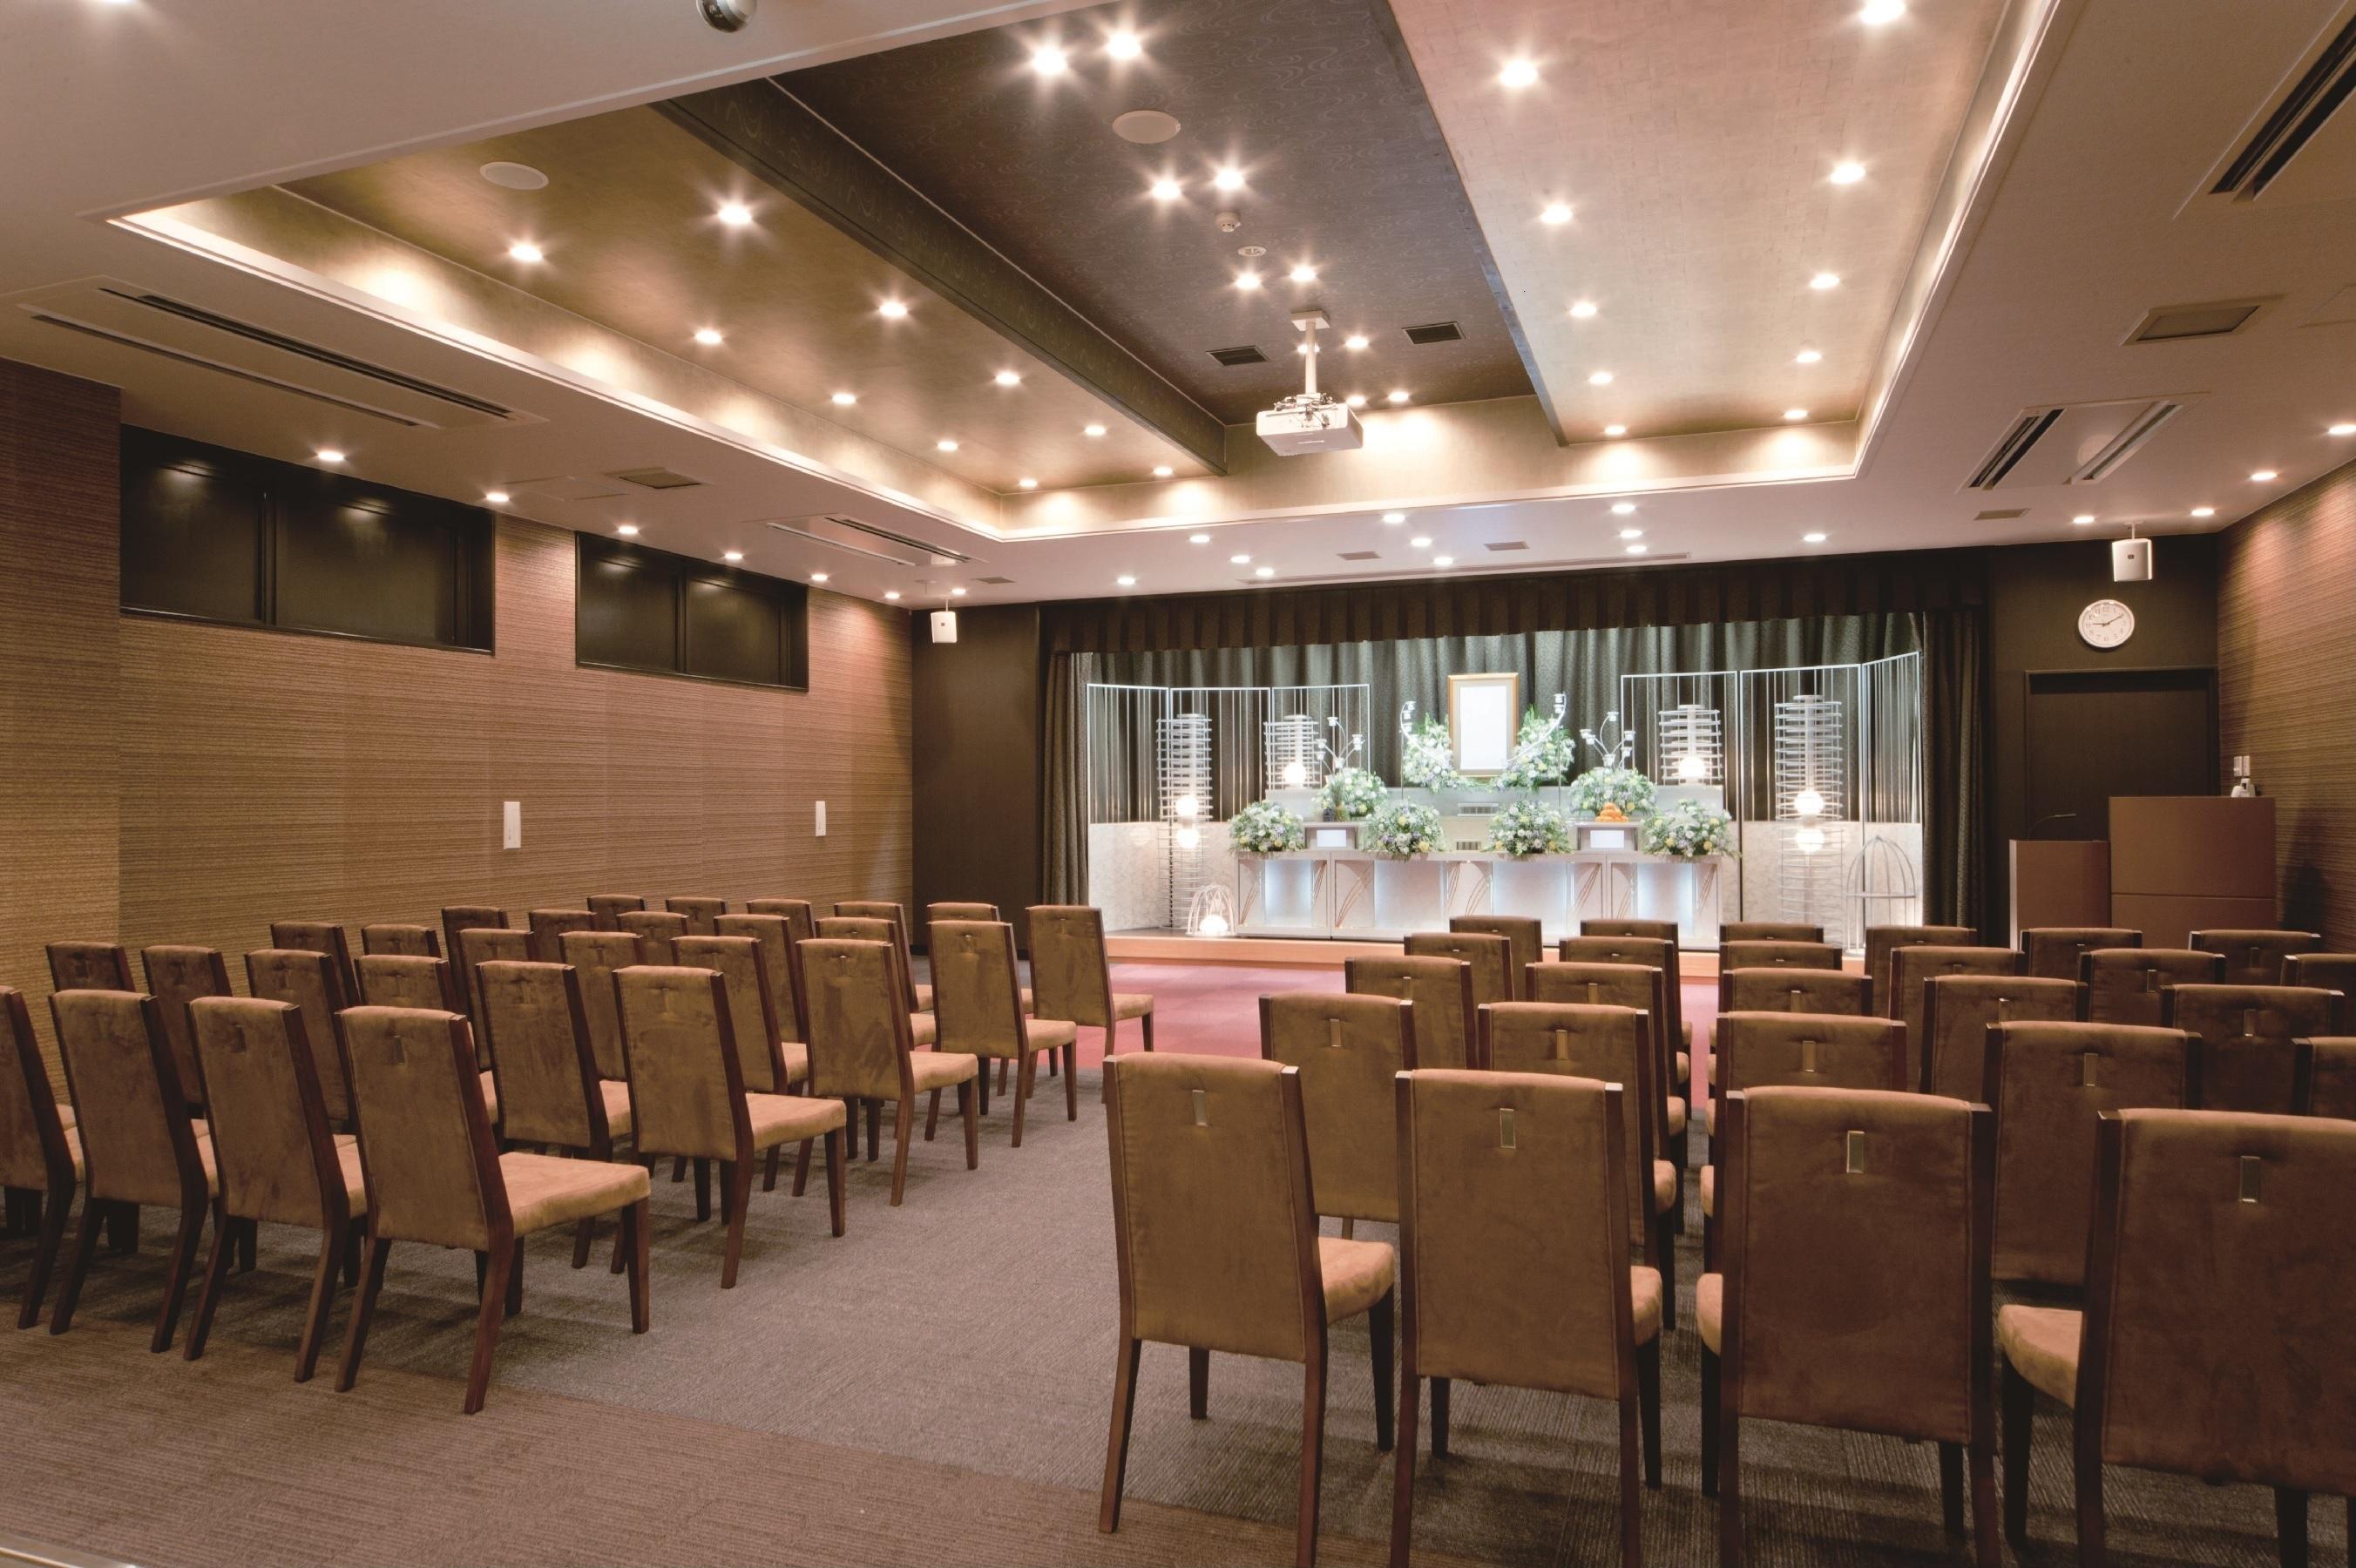 【駿河区の葬祭会館が見学できる】友引見学会